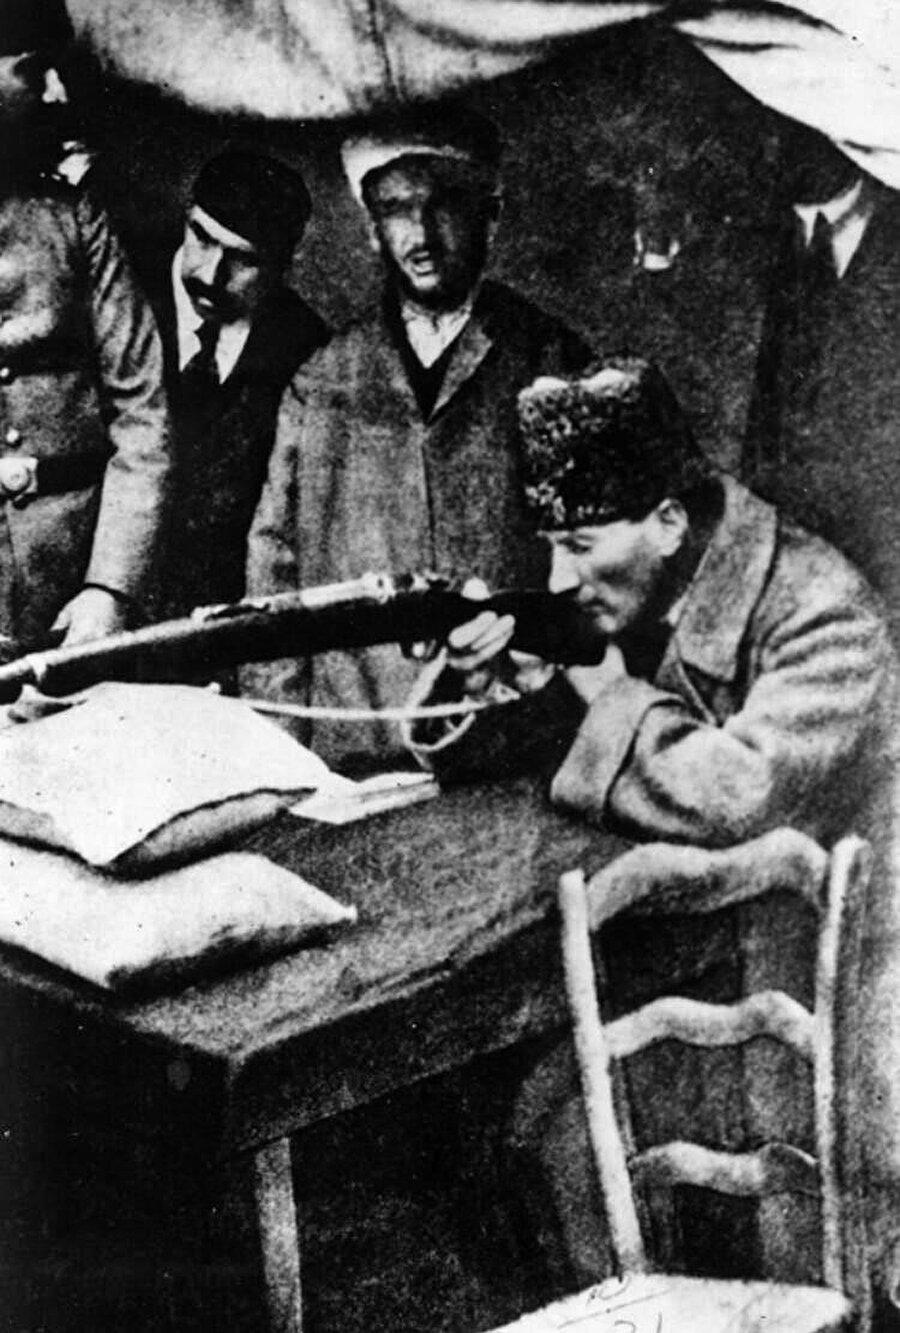 Ulusalcı Kemalistler, Mustafa Kemal'den rahatsız Kemalistler, Atatürkçü Kemalistler, solcu Kemalistler, muhafazakâr Kemalistler, Âlevî Kemalistler, dönem Kemalistler diyerek uzayıp giden yeni yeni Kemalizm türleri…